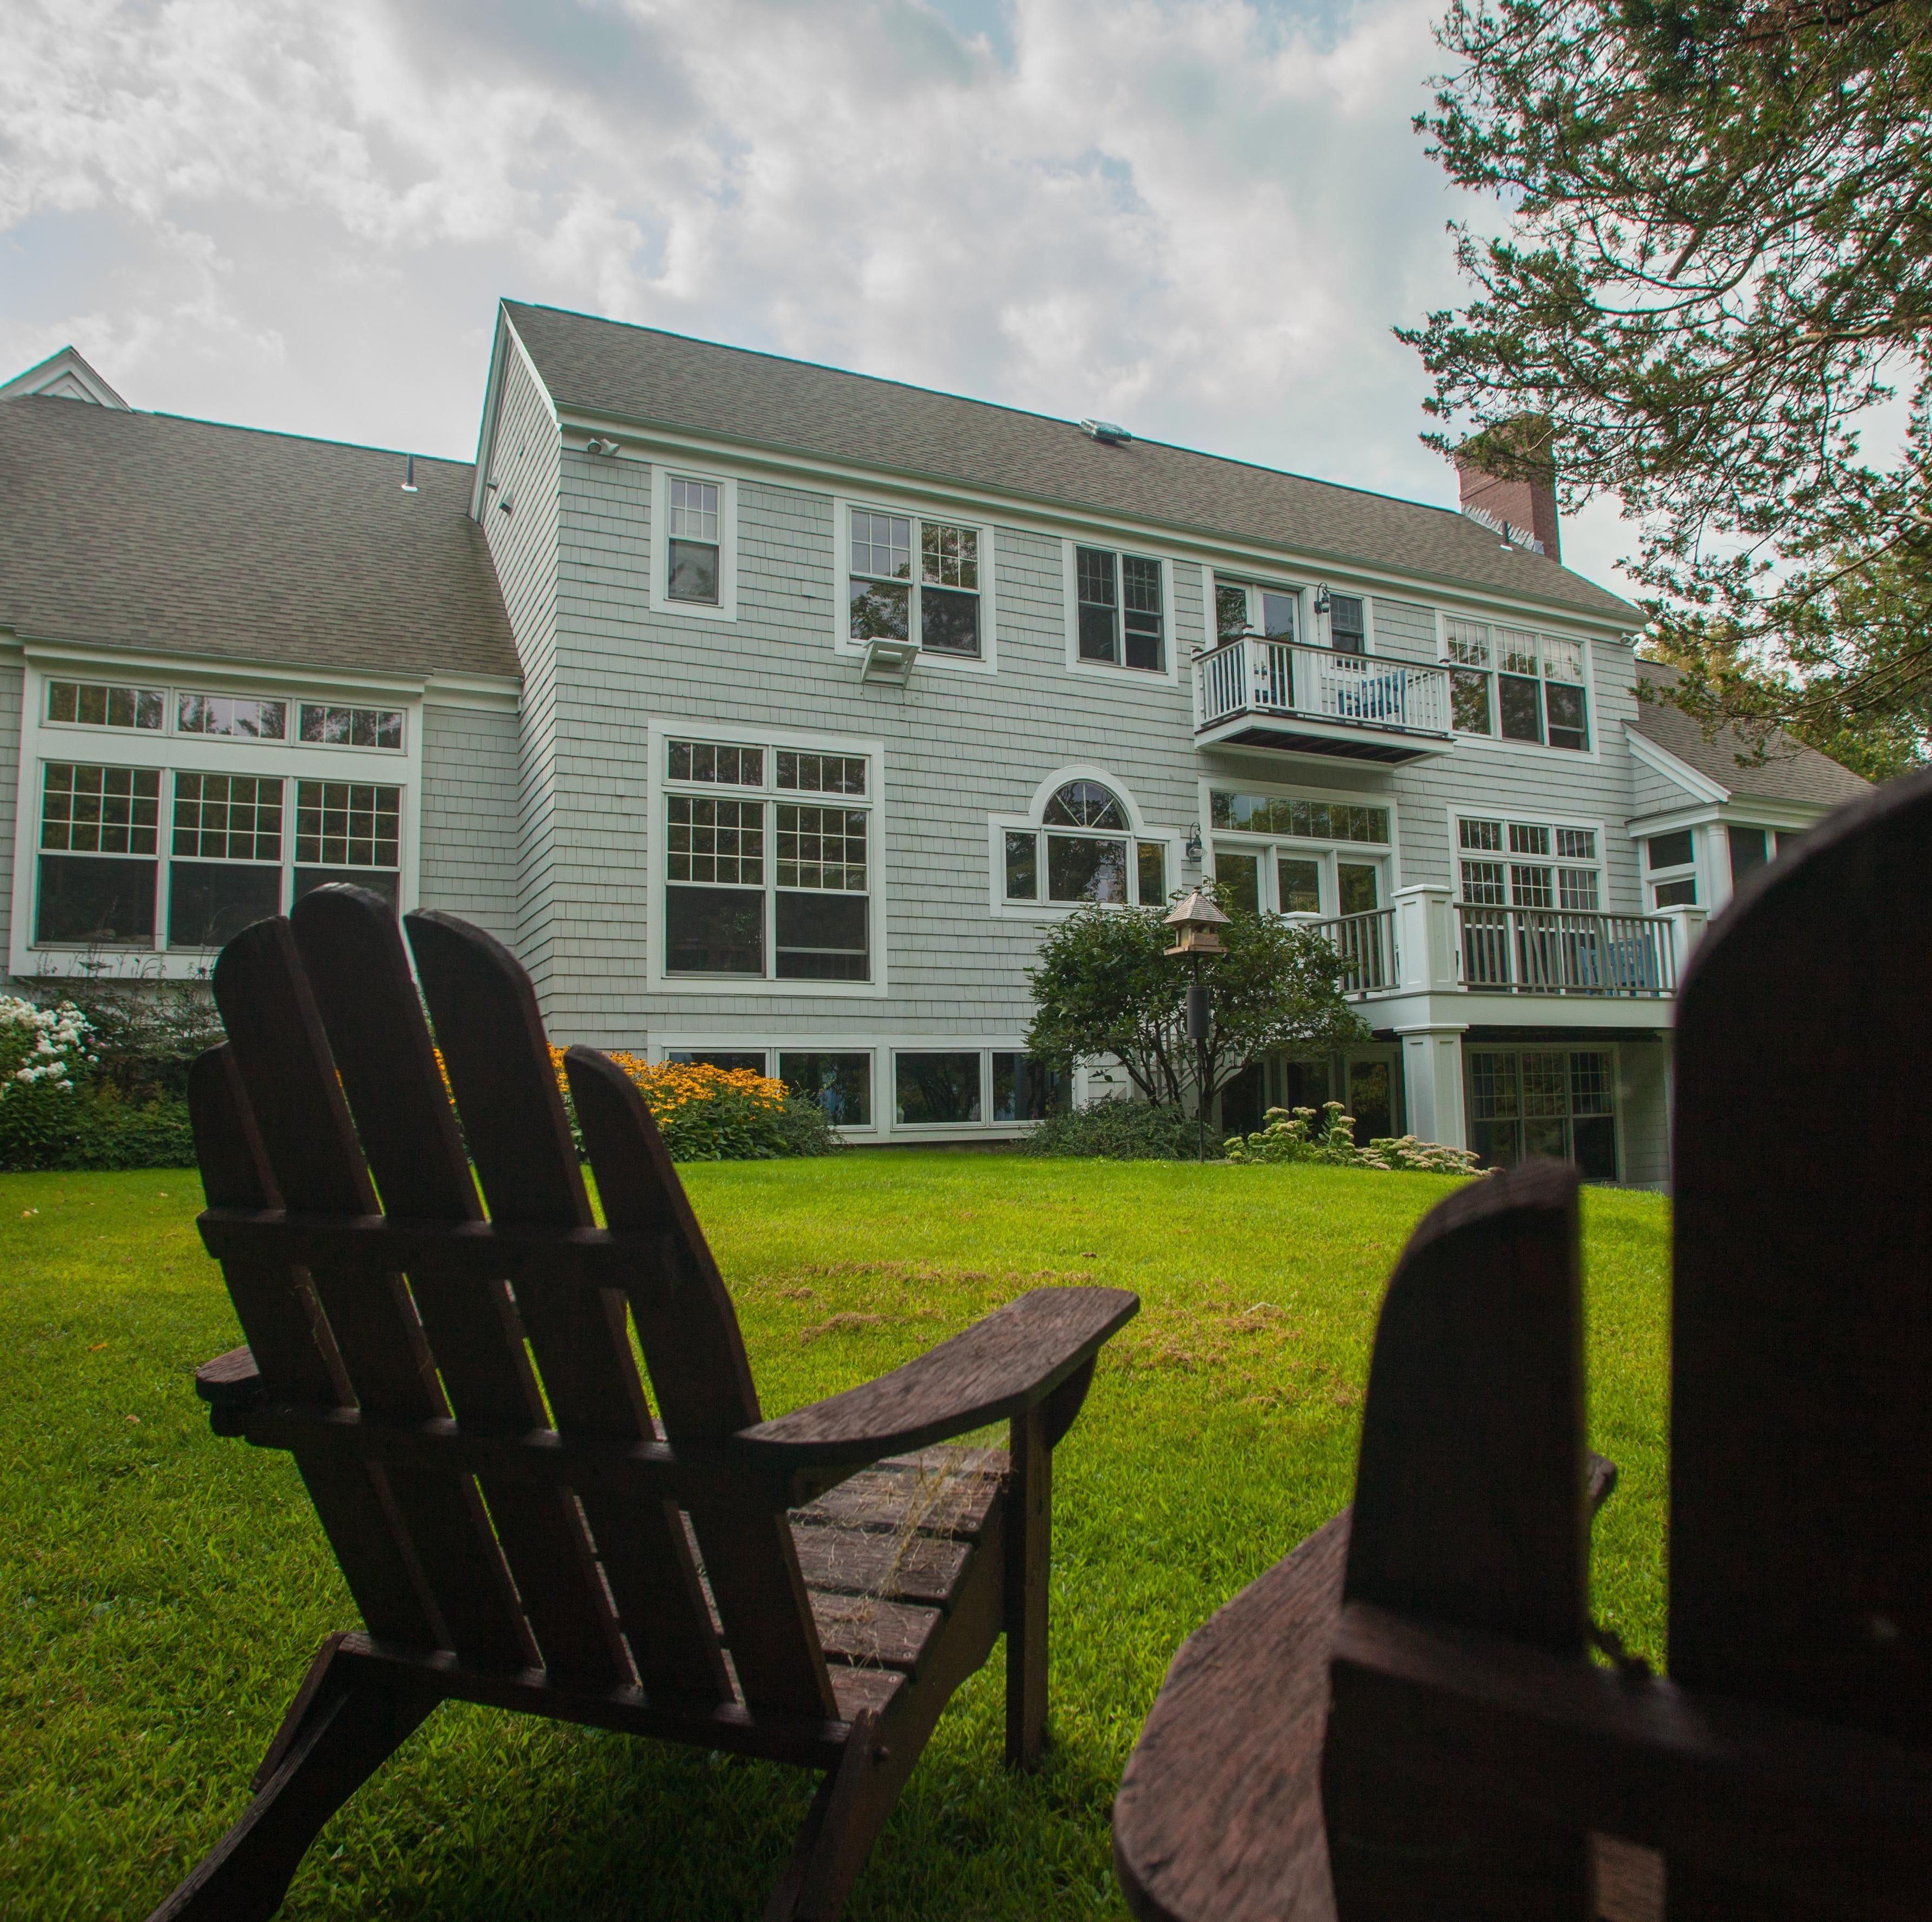 Charlotte ranks No. 1 in Vermont income